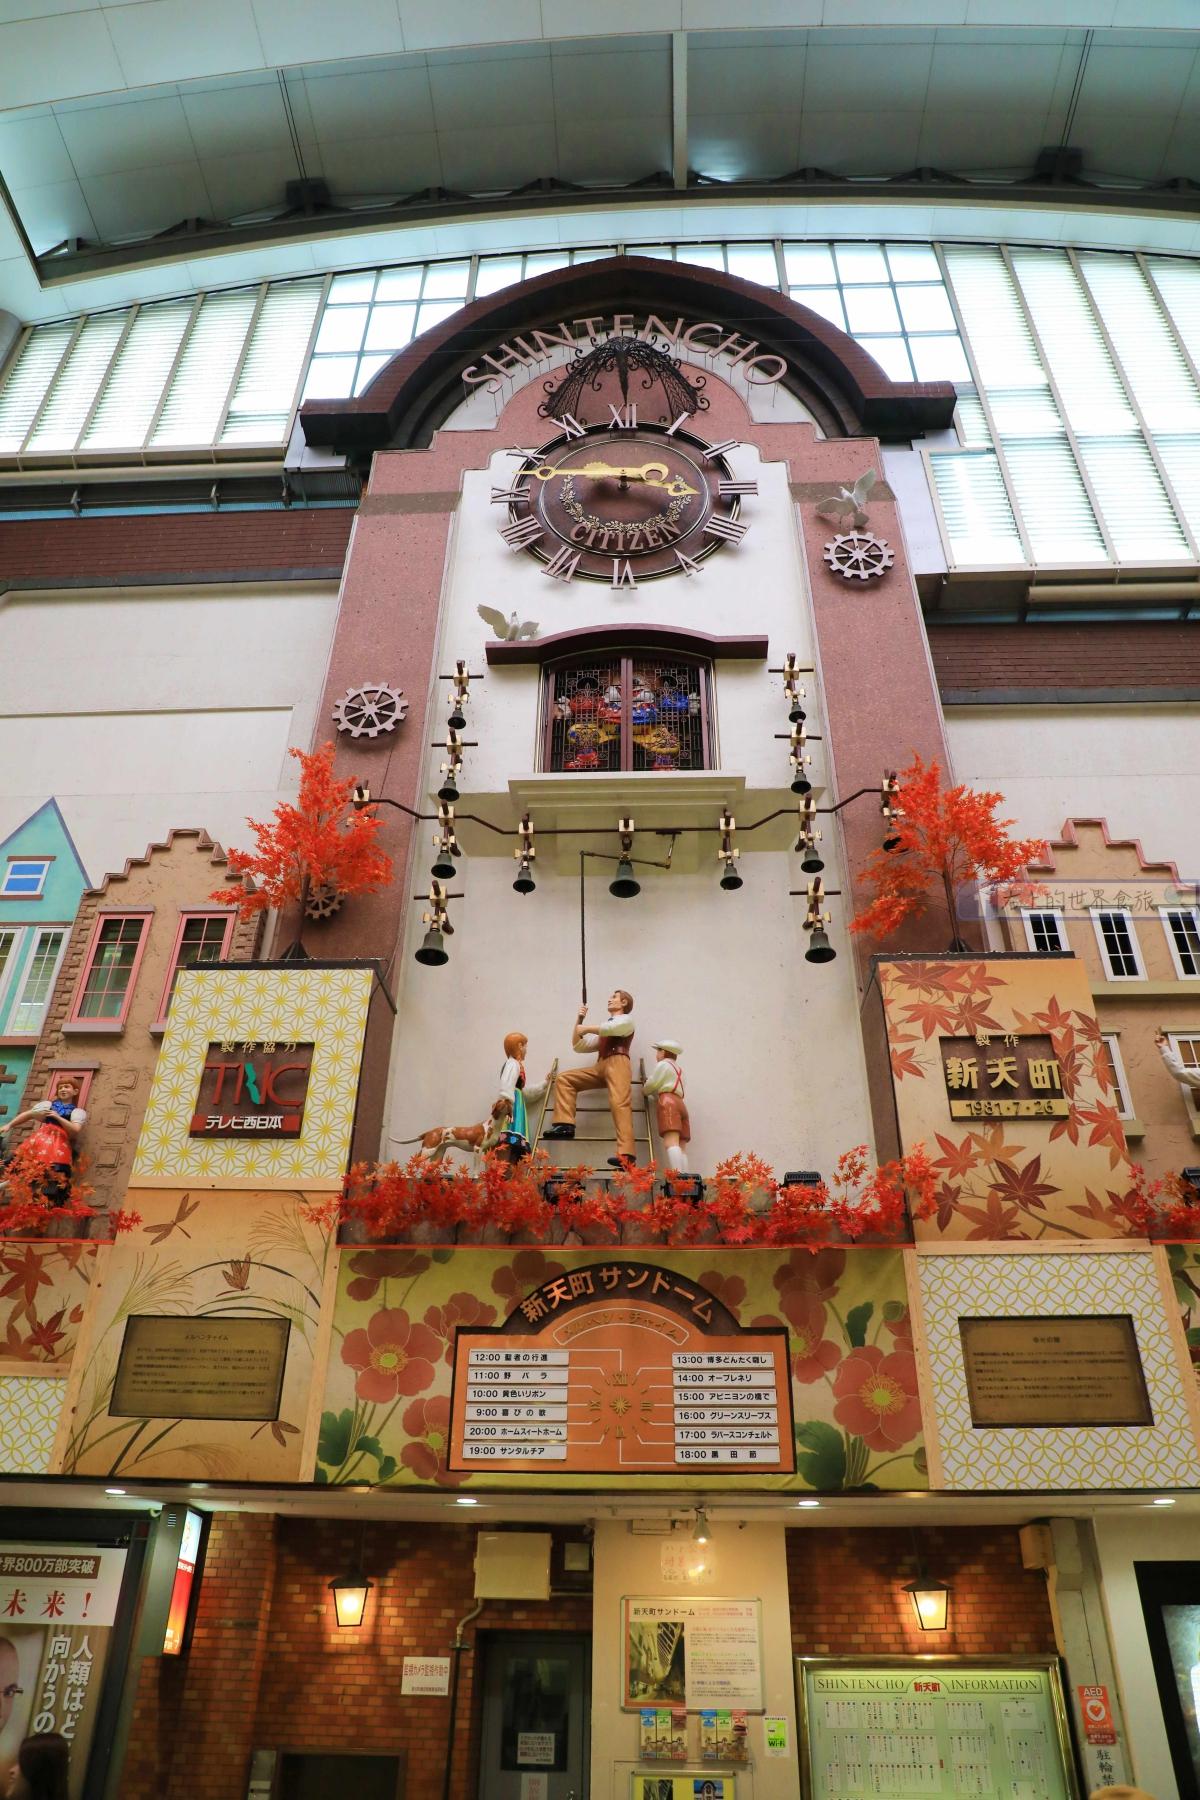 福岡天神一日遊 FUKUOKA DUTY FREE TENJIN(福岡天神免税店)、商店街.天神巴士中心 @右上的世界食旅